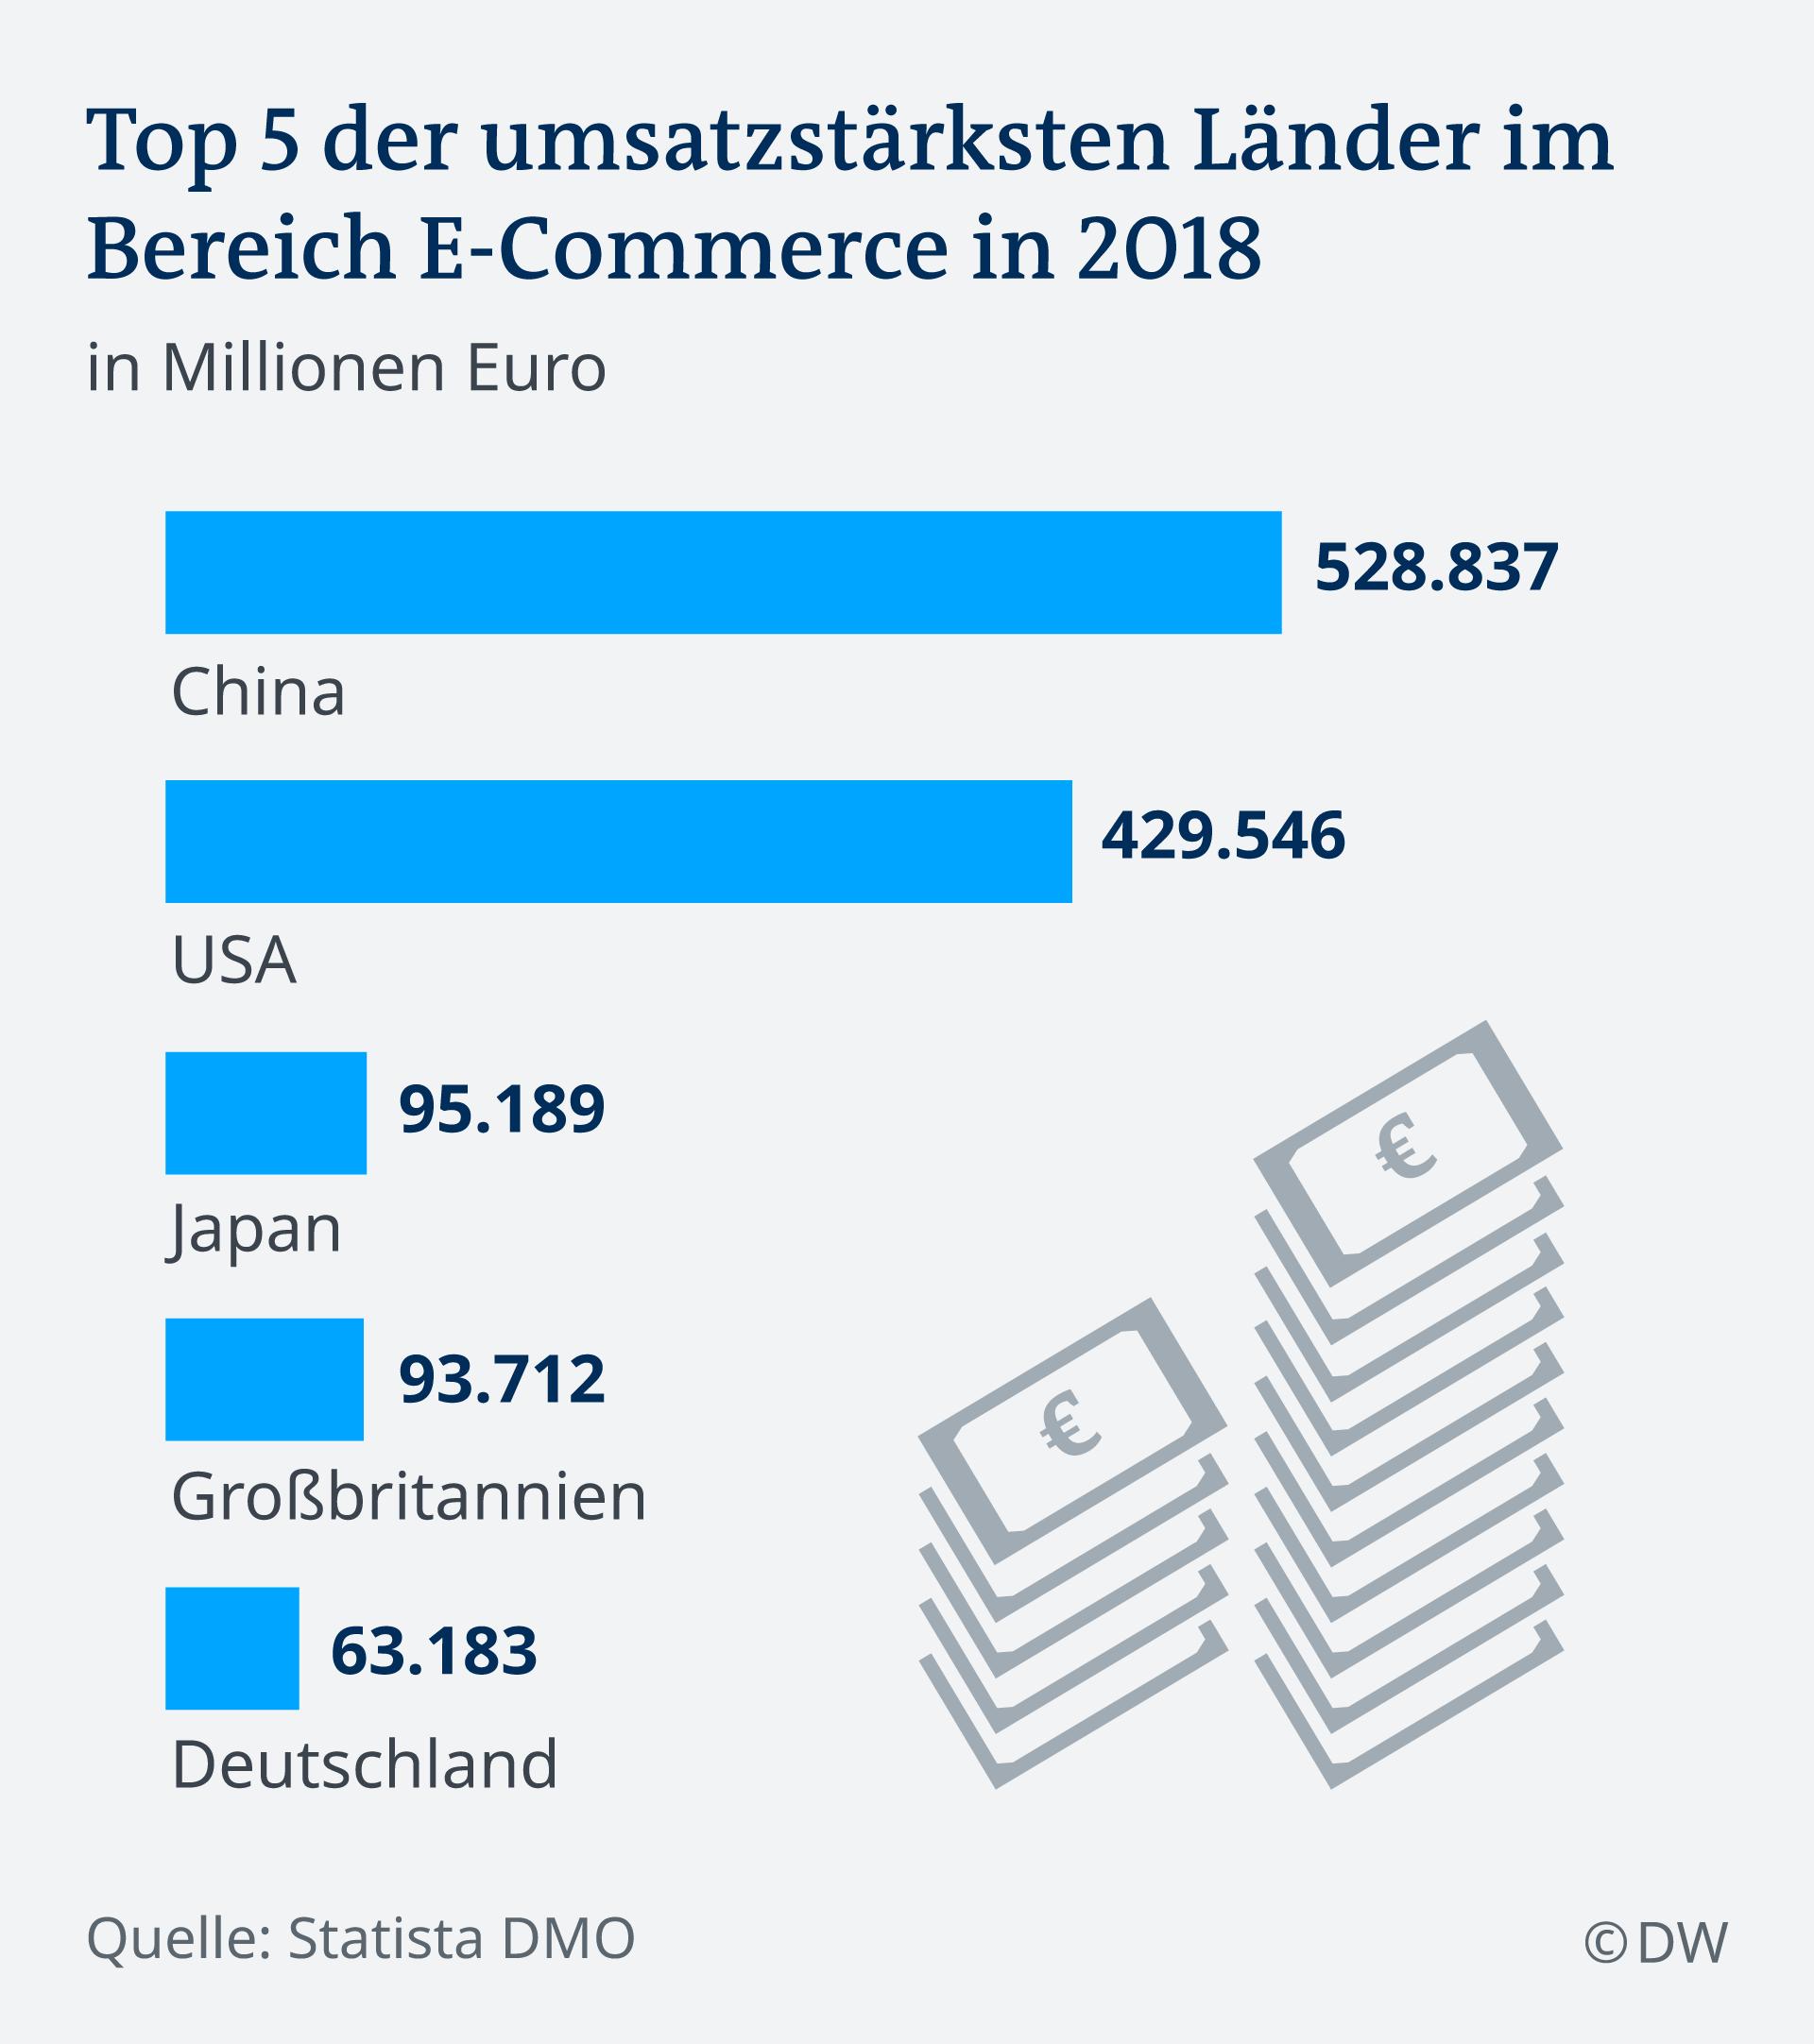 Infografik: Die 5 umsatzstärksten Länder im Bereich E-Commerce im Jahr 2018